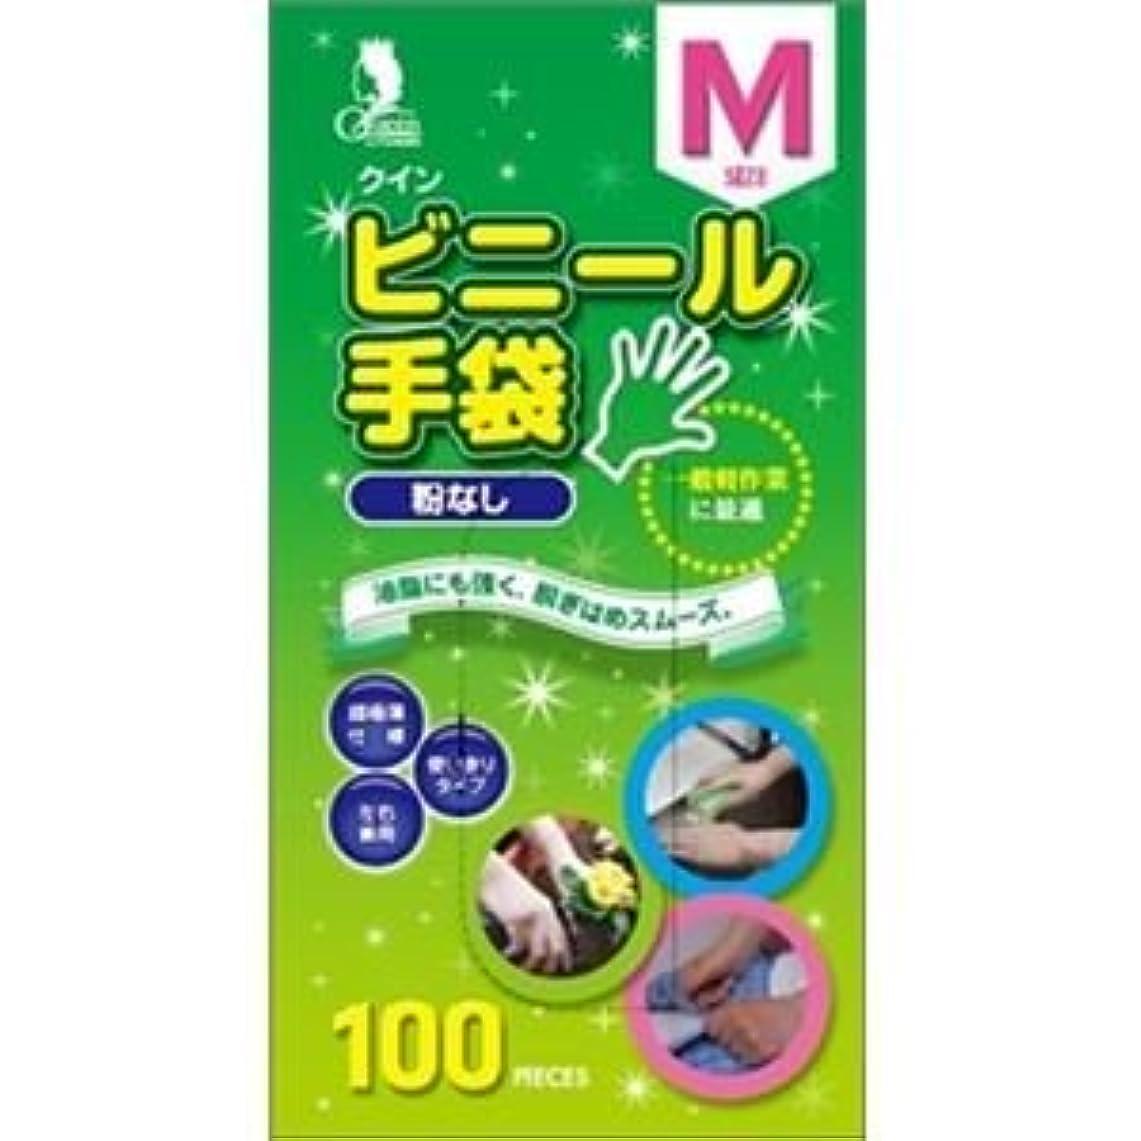 輝度標高高価な(まとめ)宇都宮製作 クインビニール手袋100枚入 M (N) 【×3点セット】